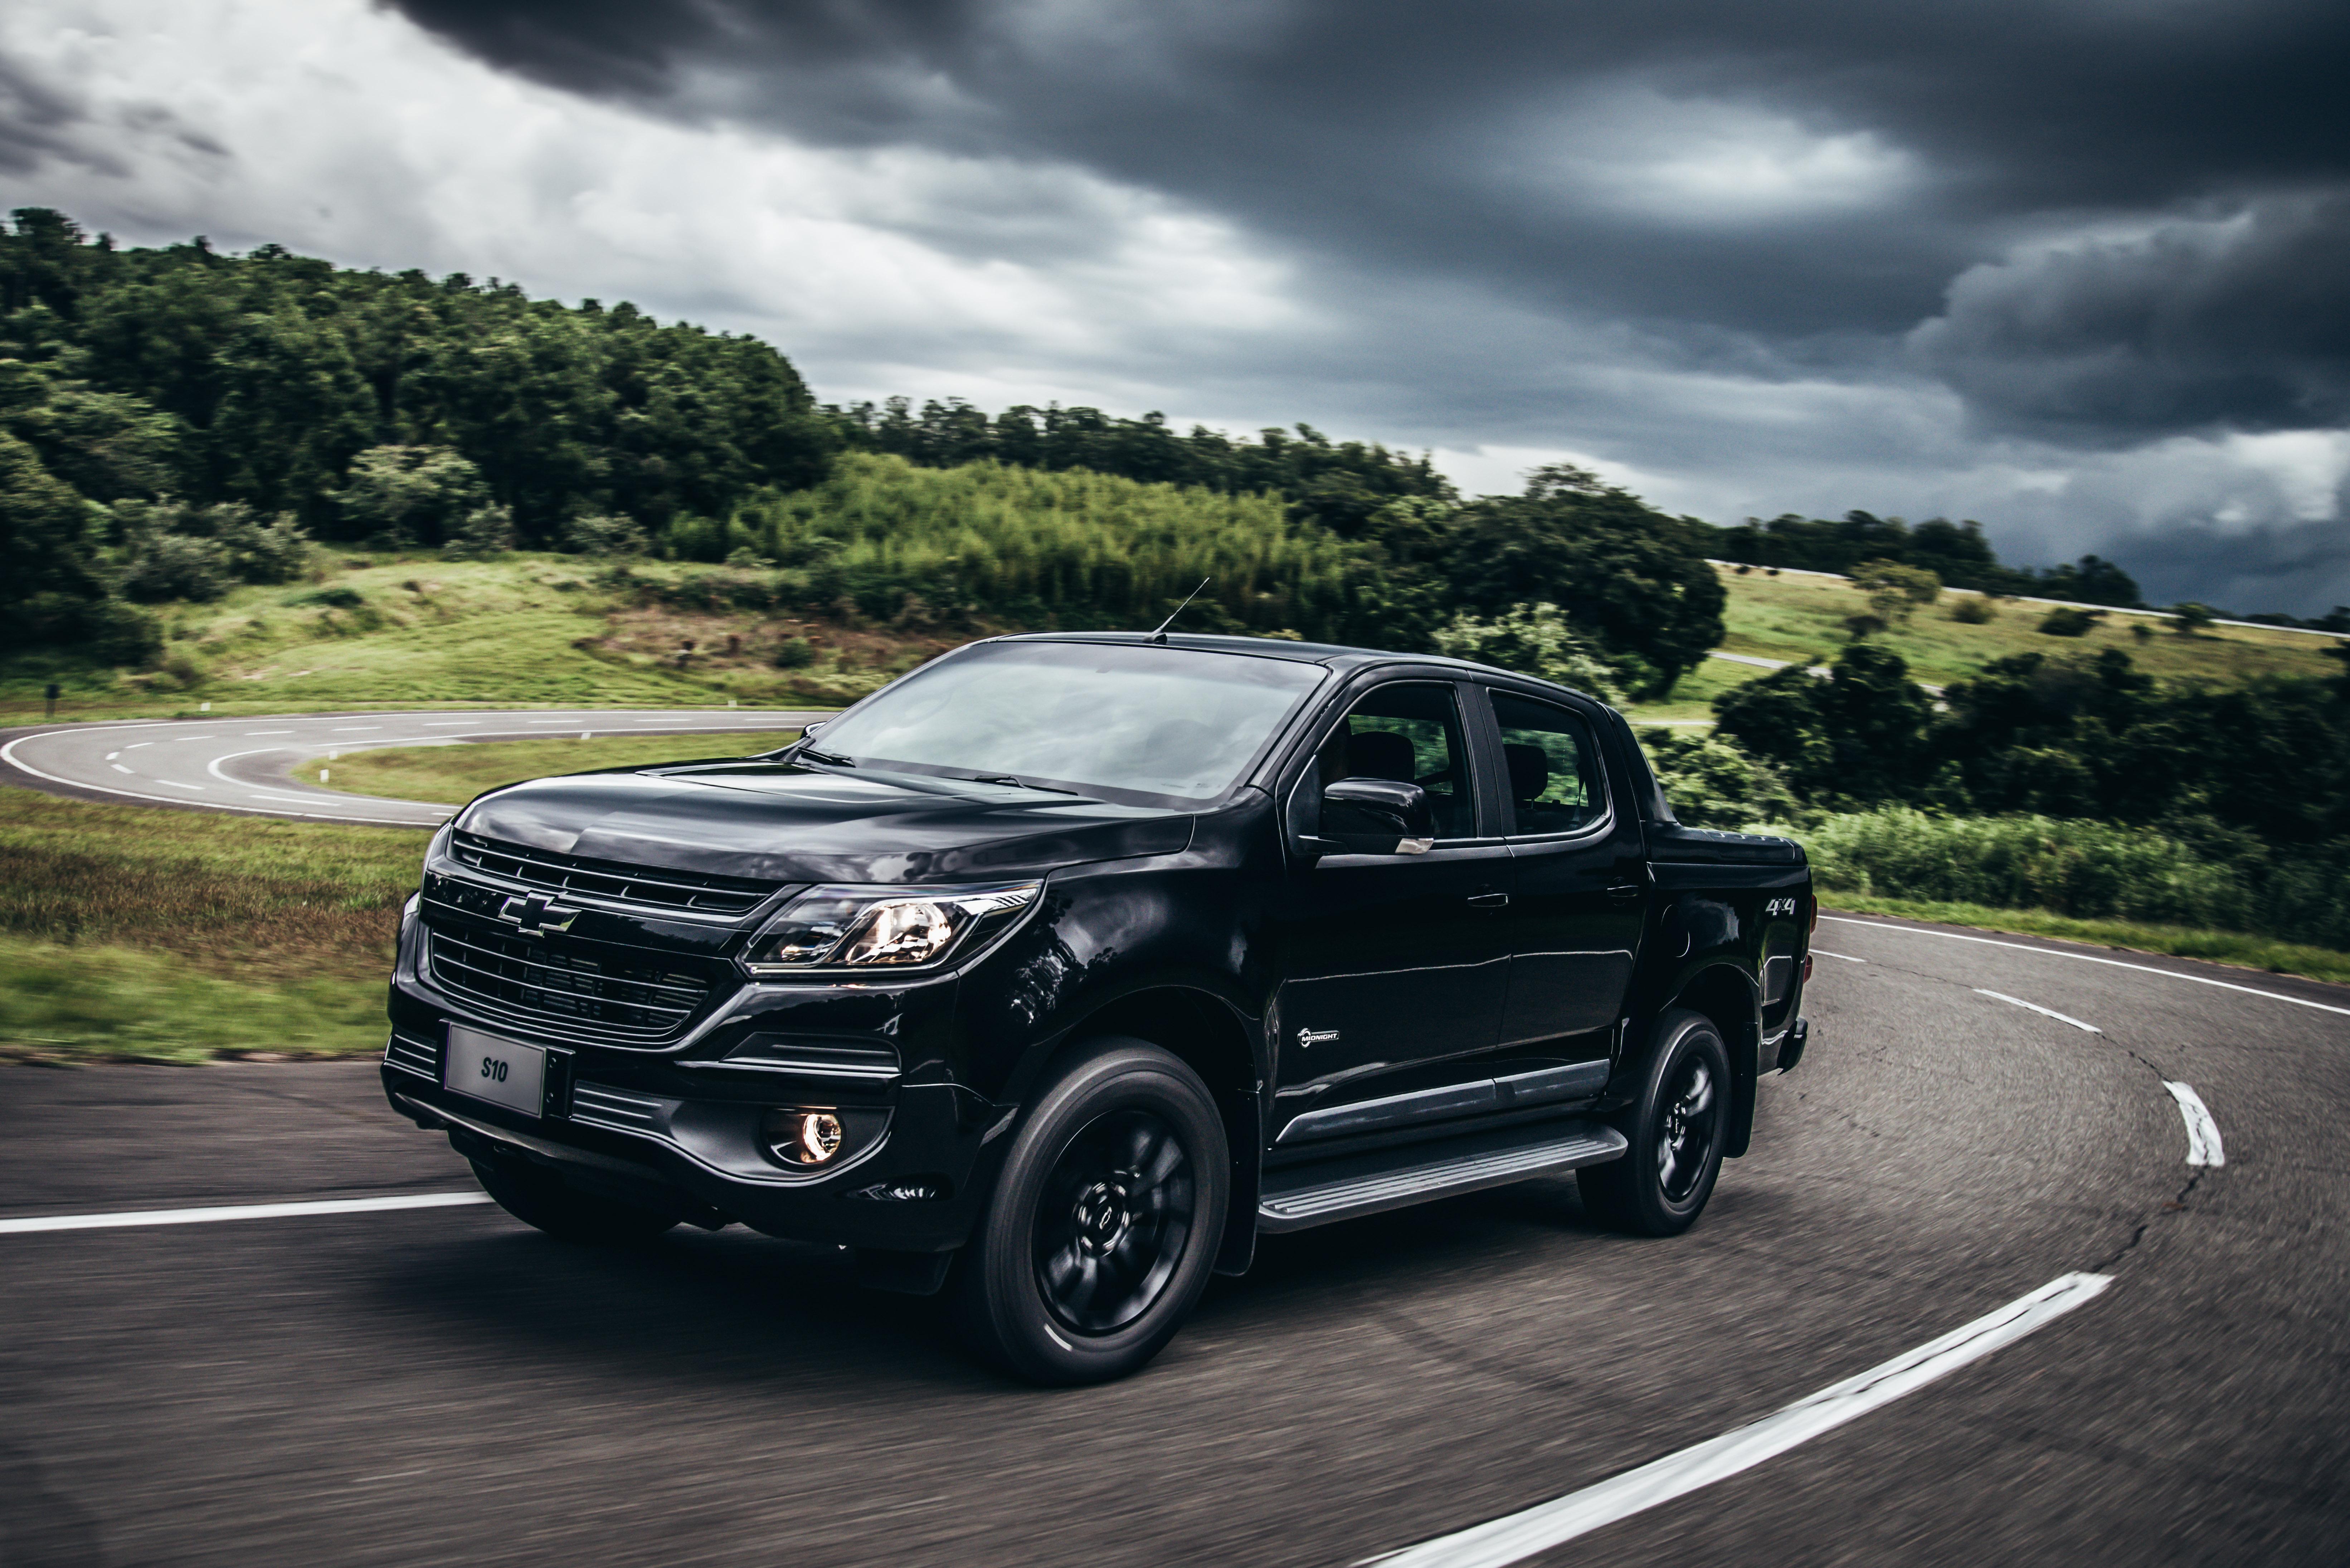 Motor é o 2.8L Turbodiesel de 200 cv; a transmissão automática de seis marchas; e a tração 4x4, com opção de reduzida